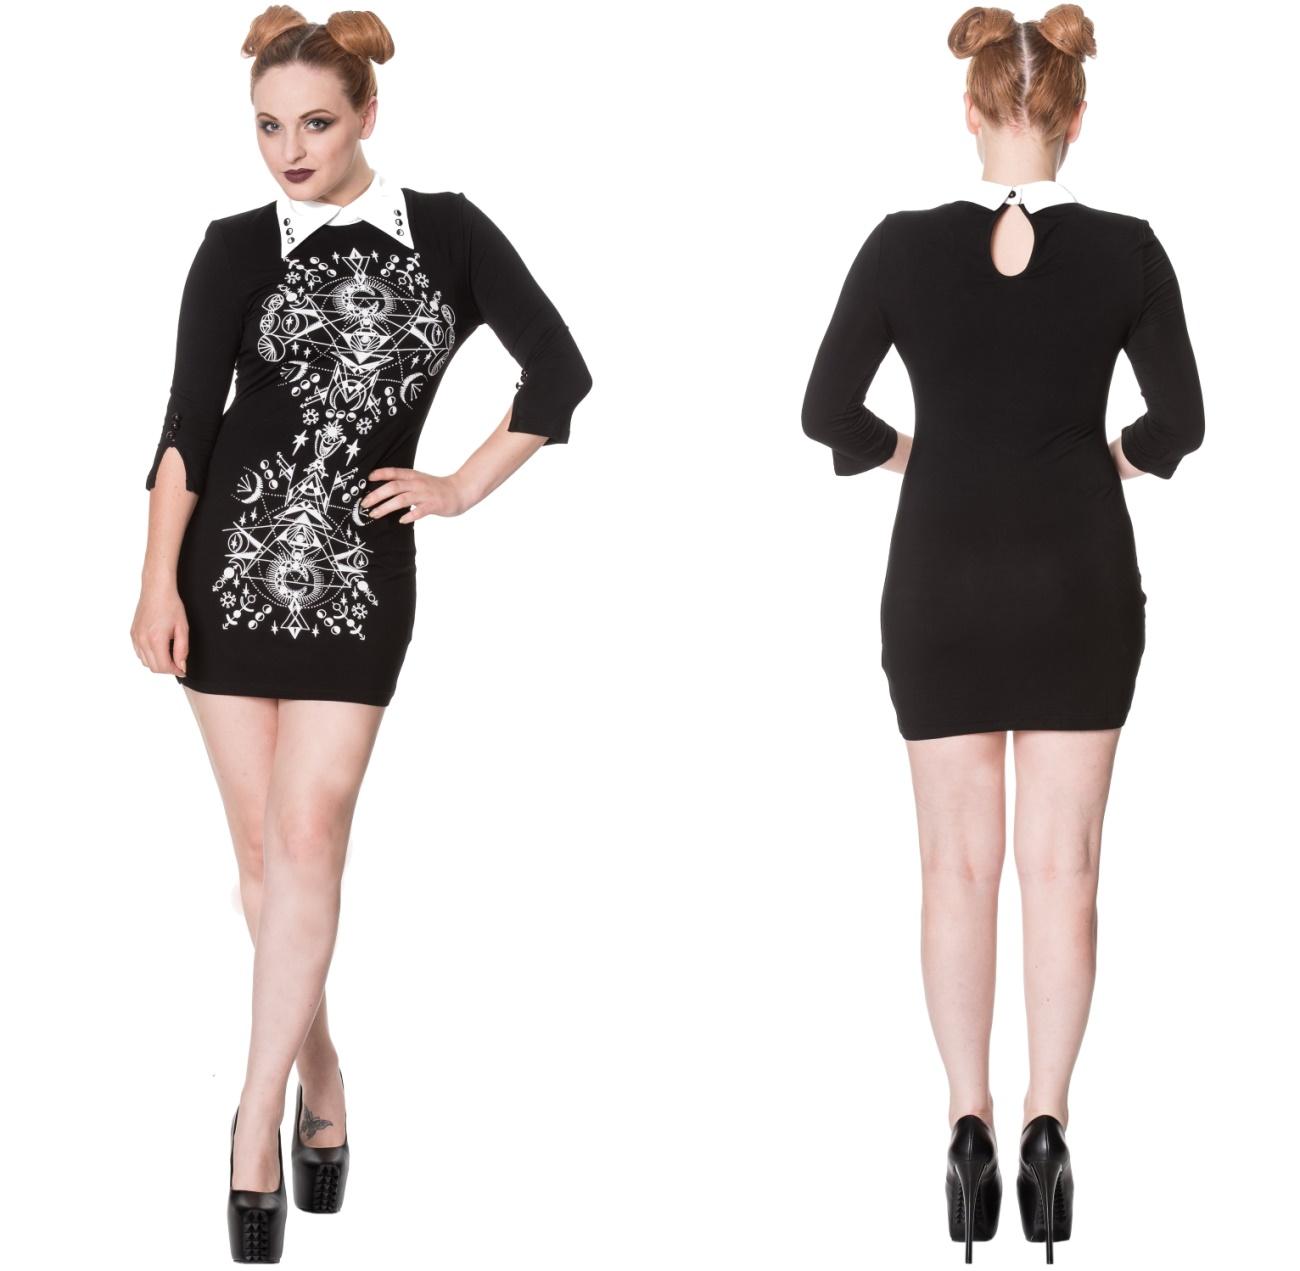 Shirtkleid Gothicmotive Banned - Banned Kleider - Details - Gothic ...